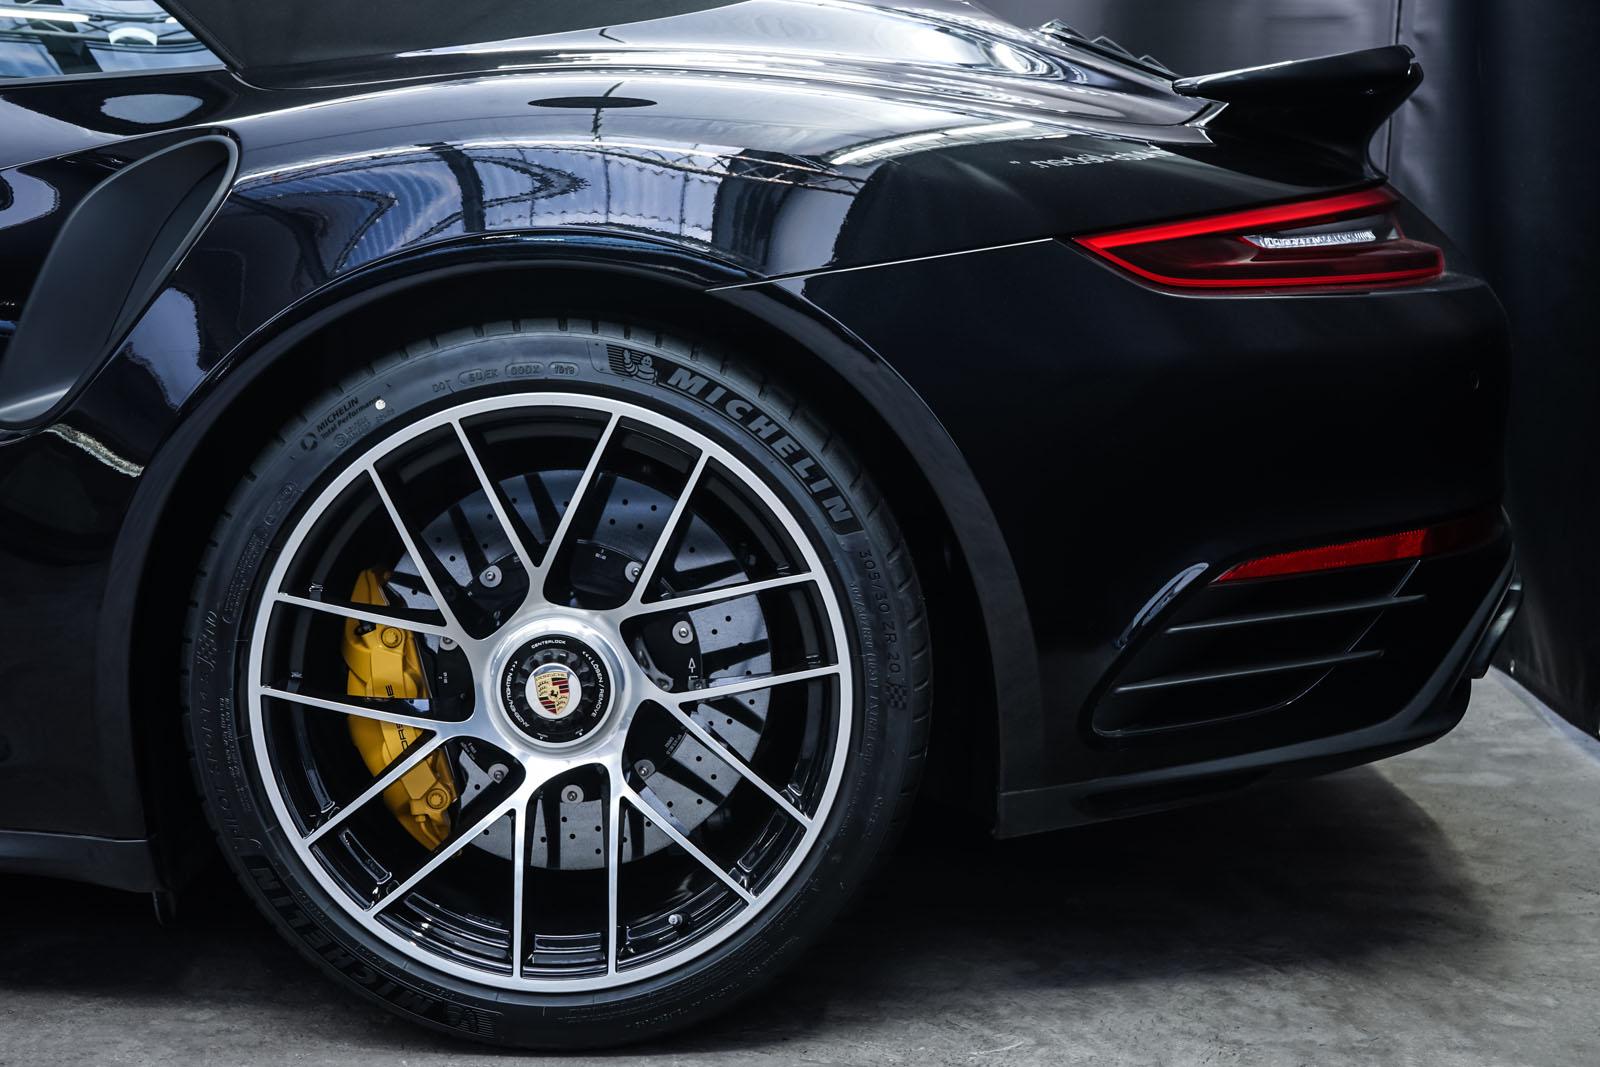 Porsche_991_TurboS_Cabrio_Schwarz_Braun_POR-9733_4_w